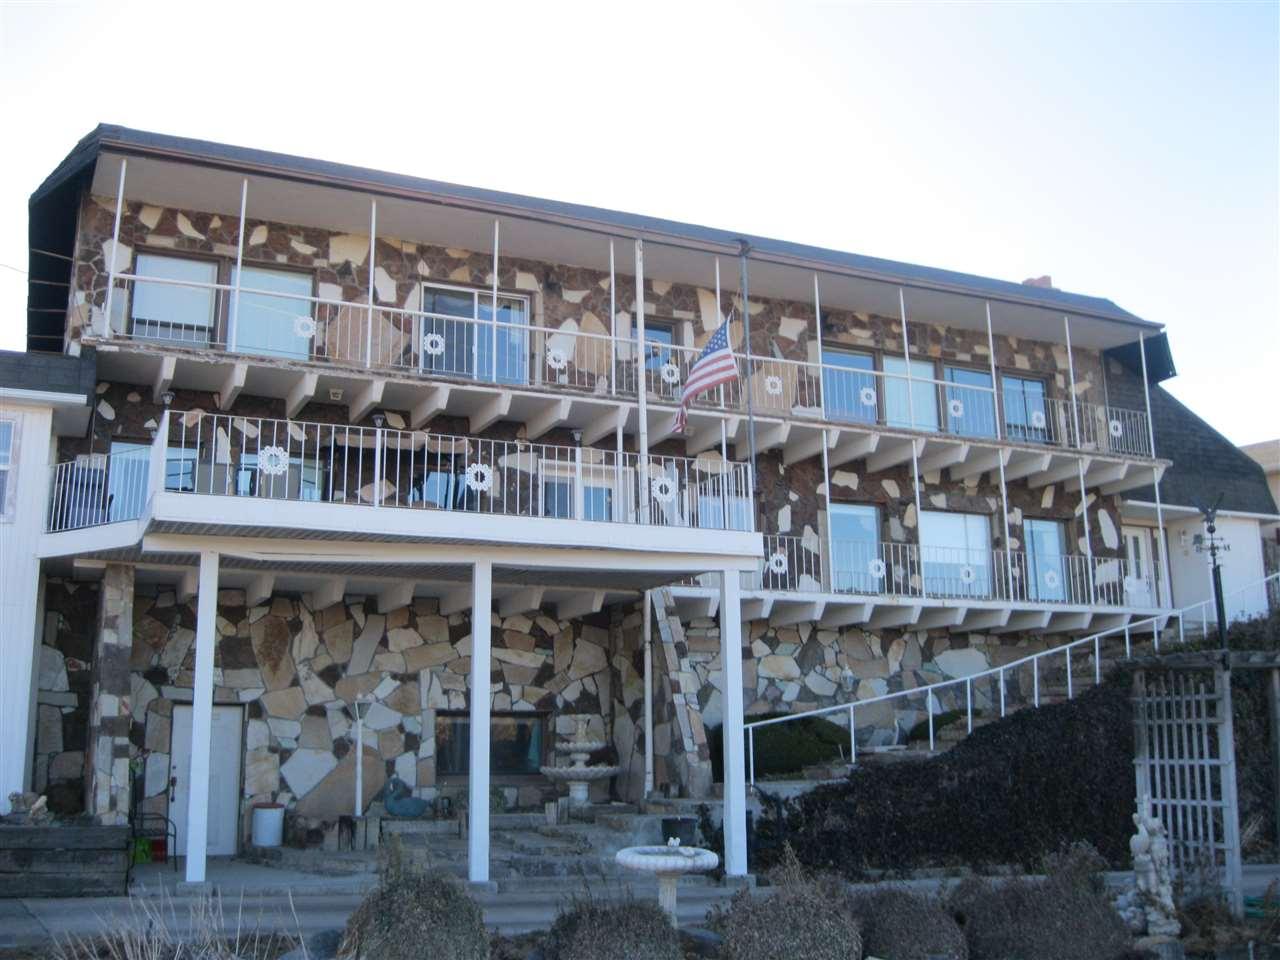 独户住宅 为 销售 在 2314 Hillcrest Drive 2314 Hillcrest Drive Burley, 爱达荷州 83318